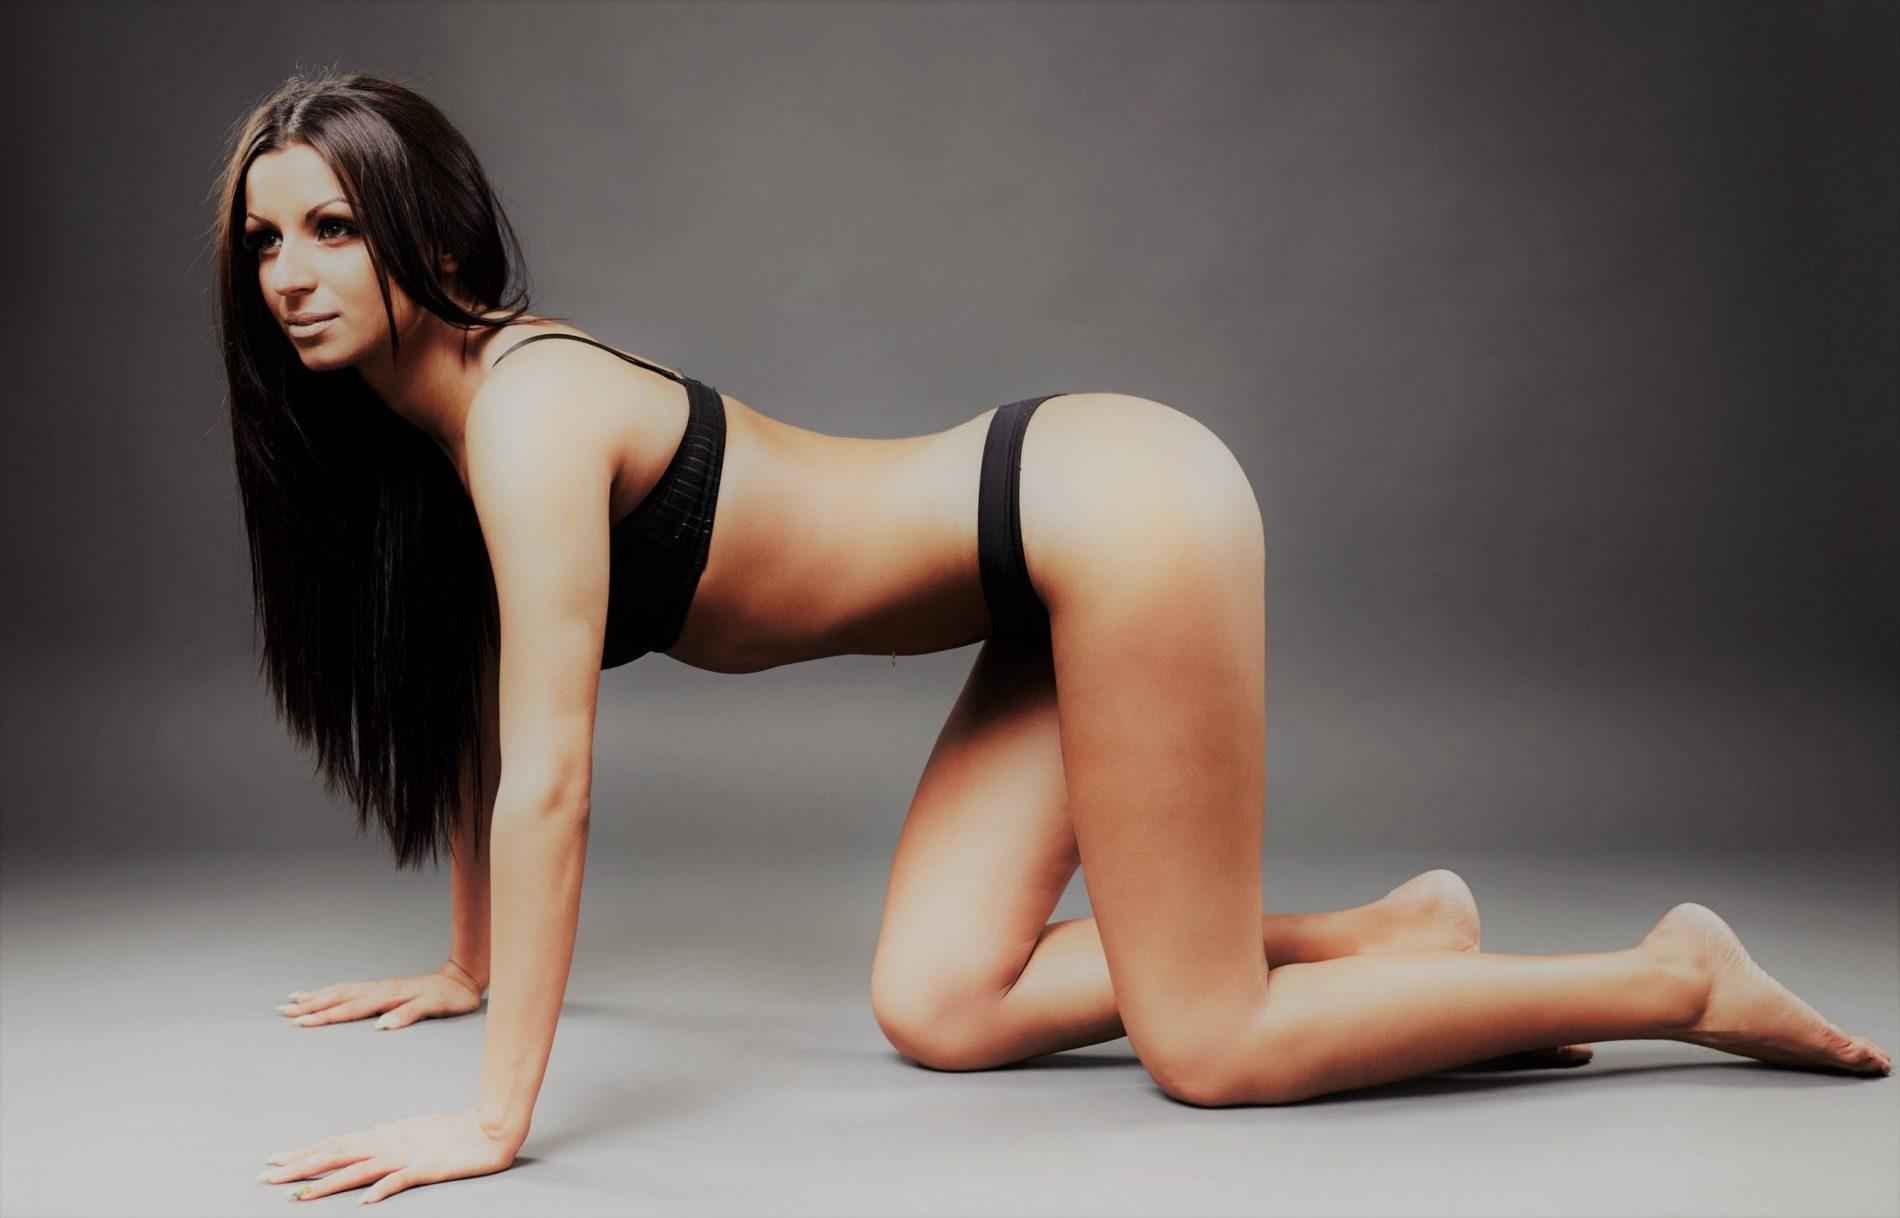 Sexy Michelle Pics